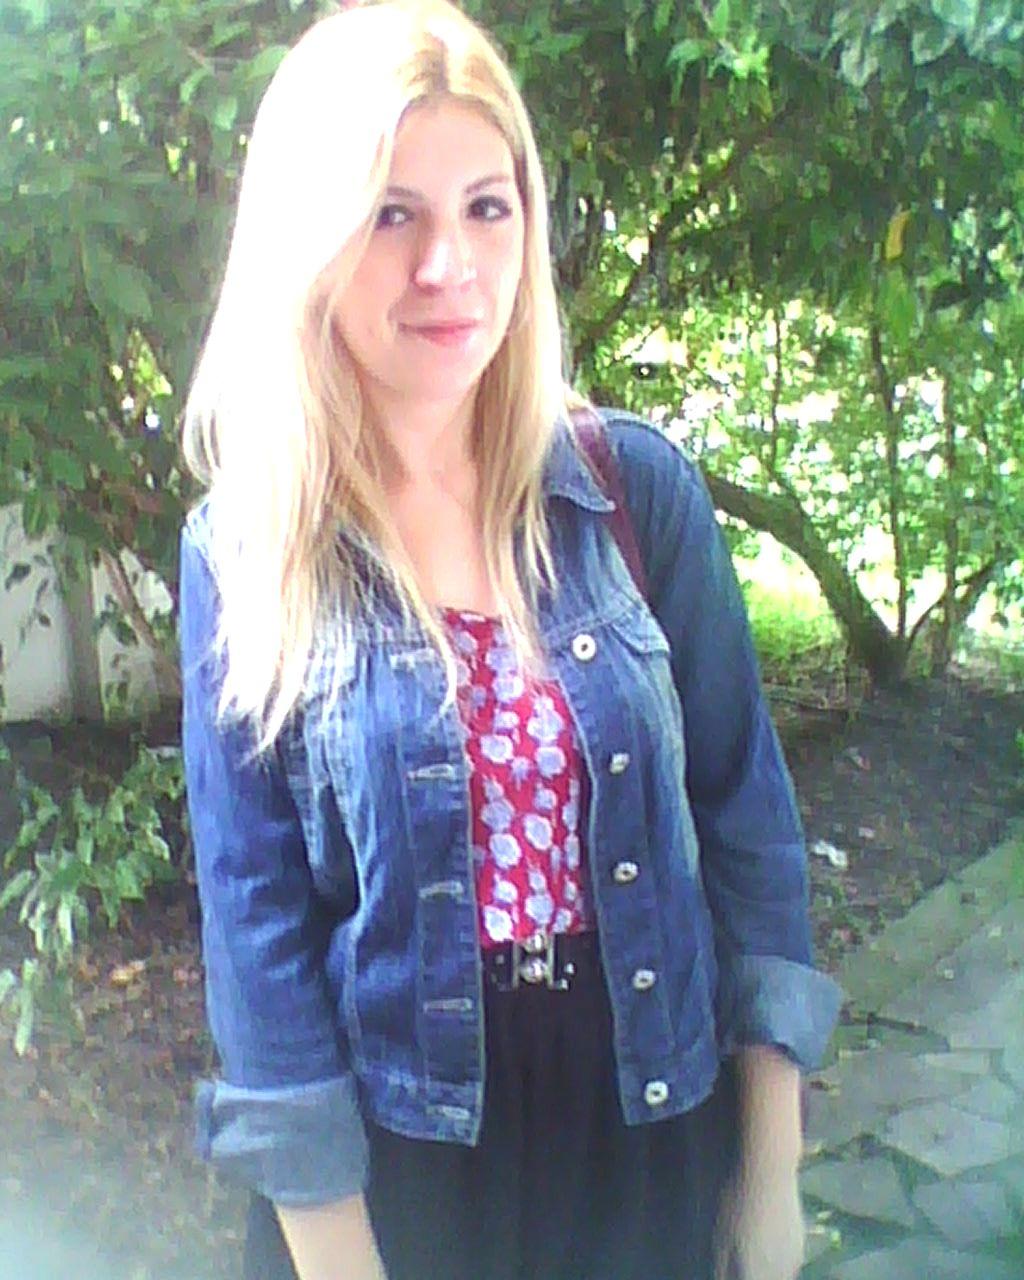 c7adce30a Jaquetinha jeans é sempre uma boa pedida no Outono